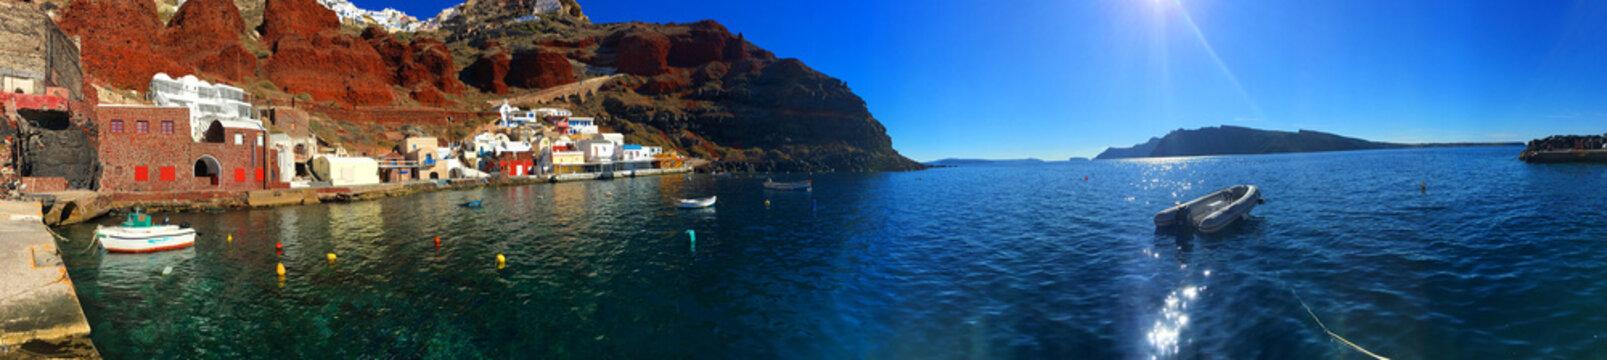 Santorini Bay Panoramic